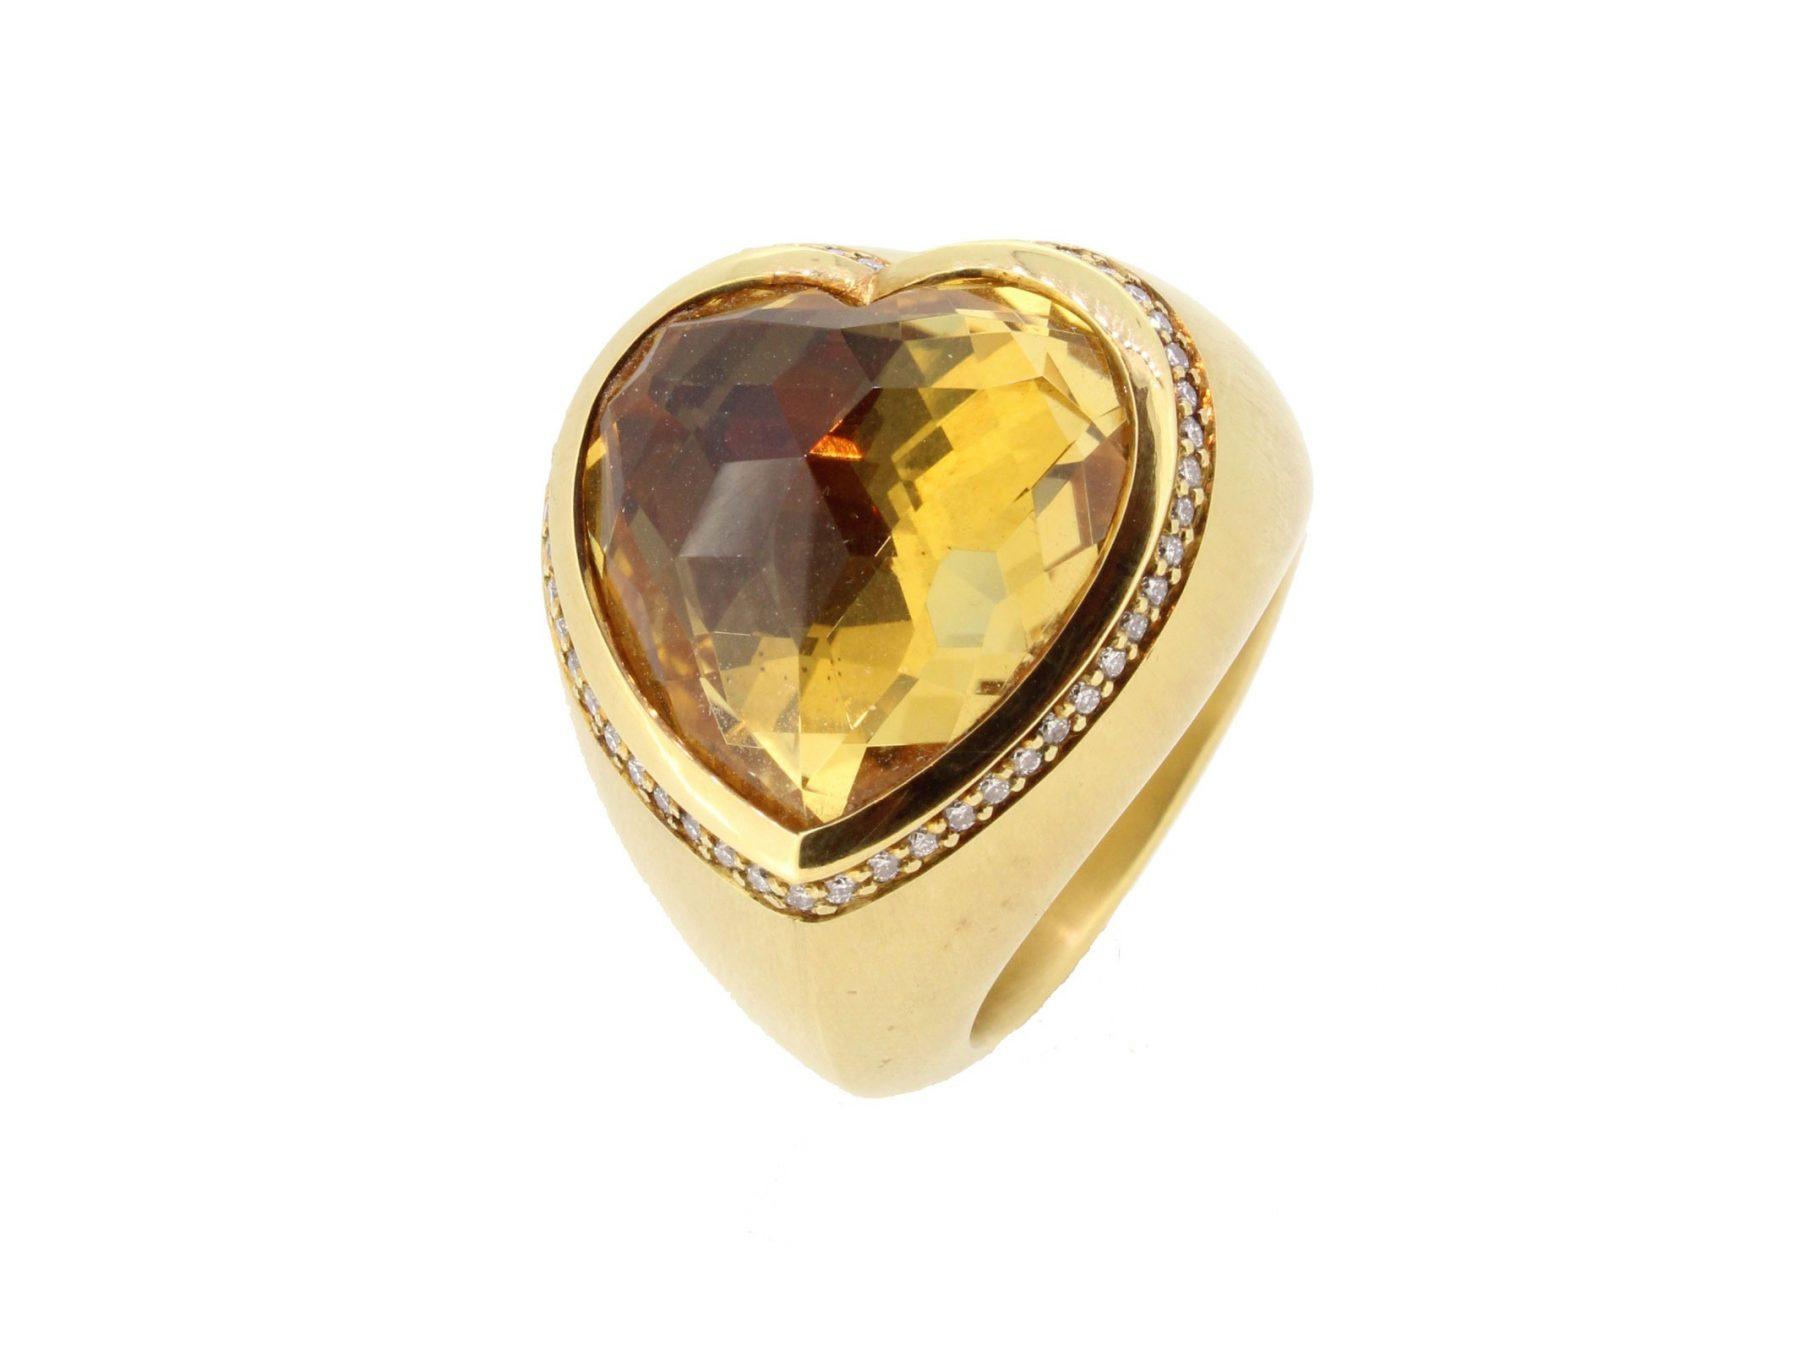 Ring Herz Citrin 18ct Gelbgold - Corinna Heller - 405hell05-3